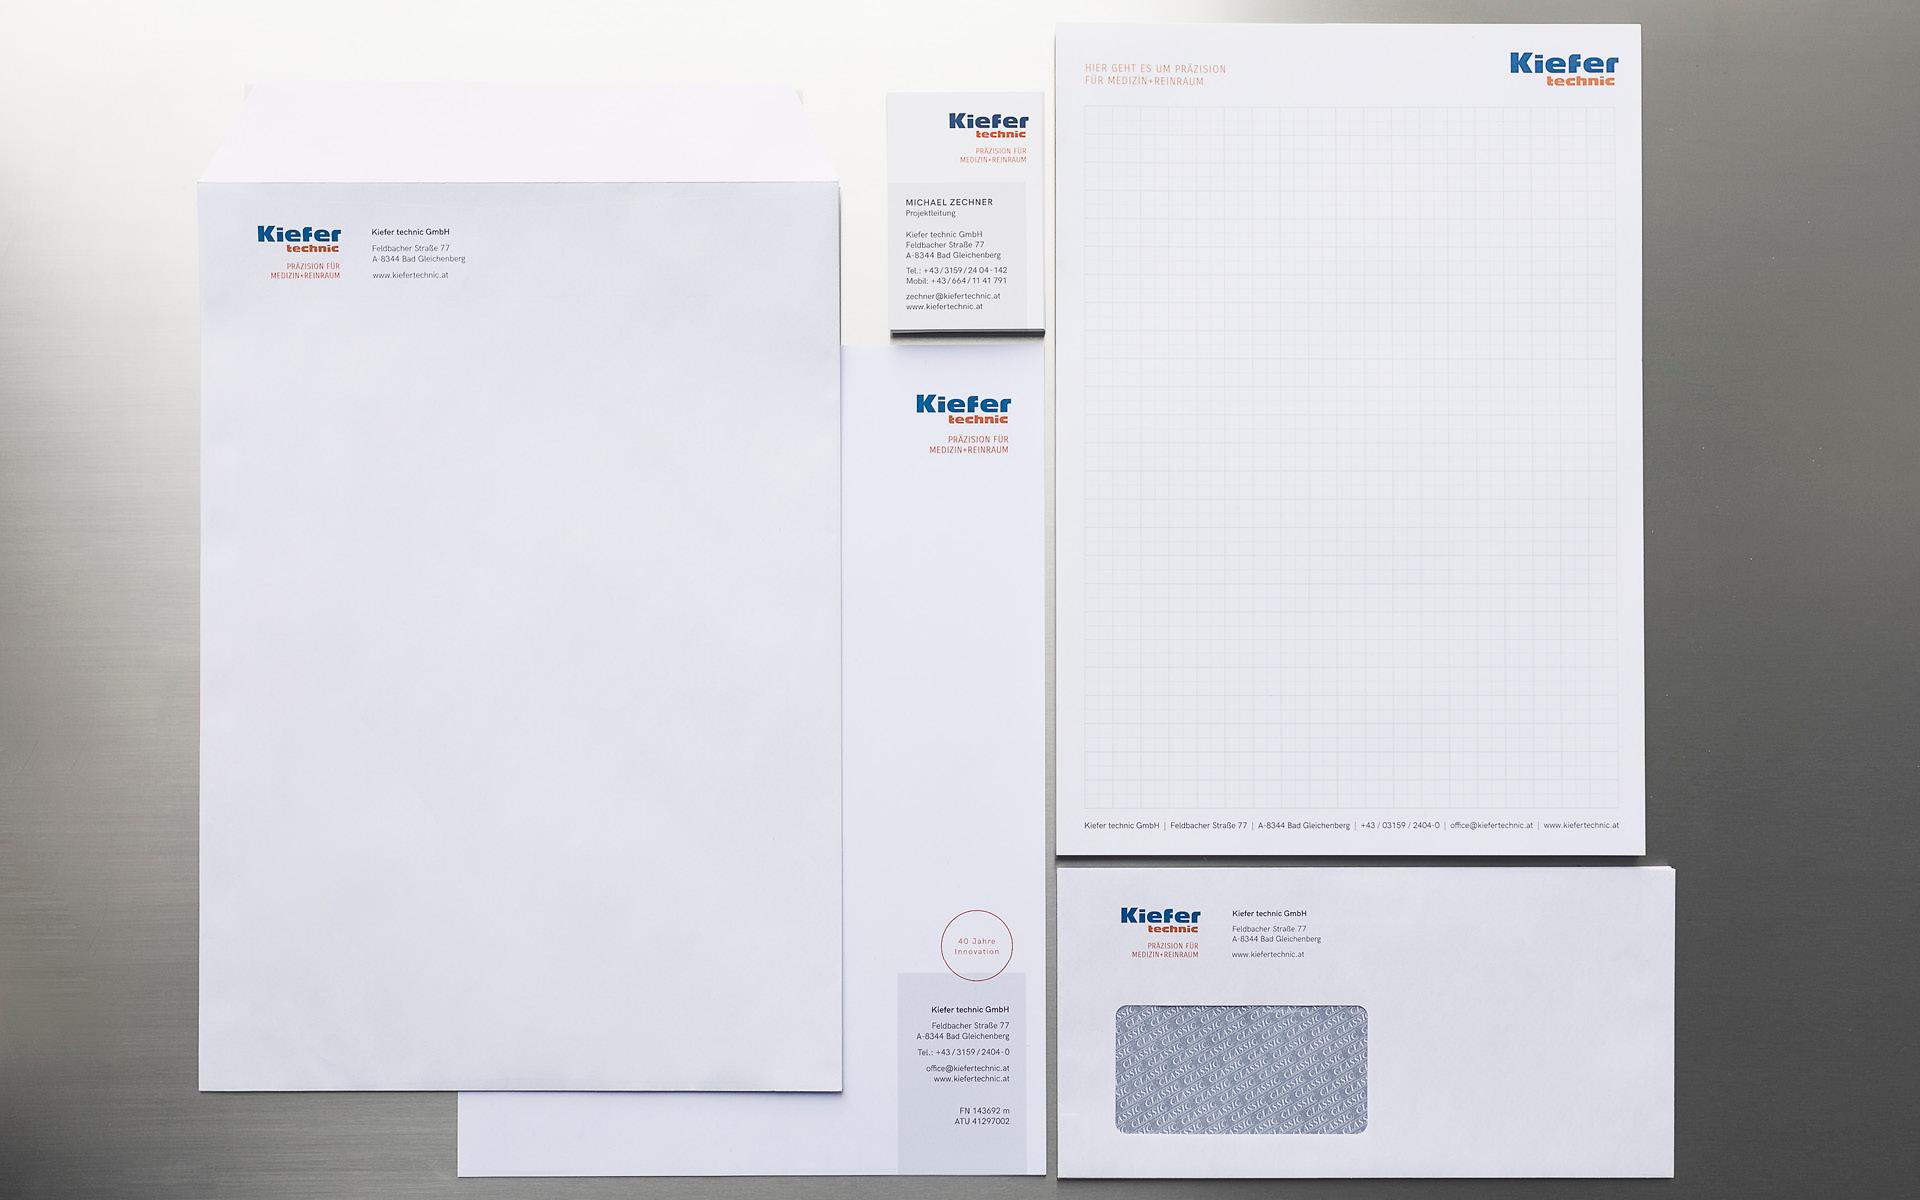 Redesign Erscheinungsbild für Kiefer technic von der Werbeagentur look! design